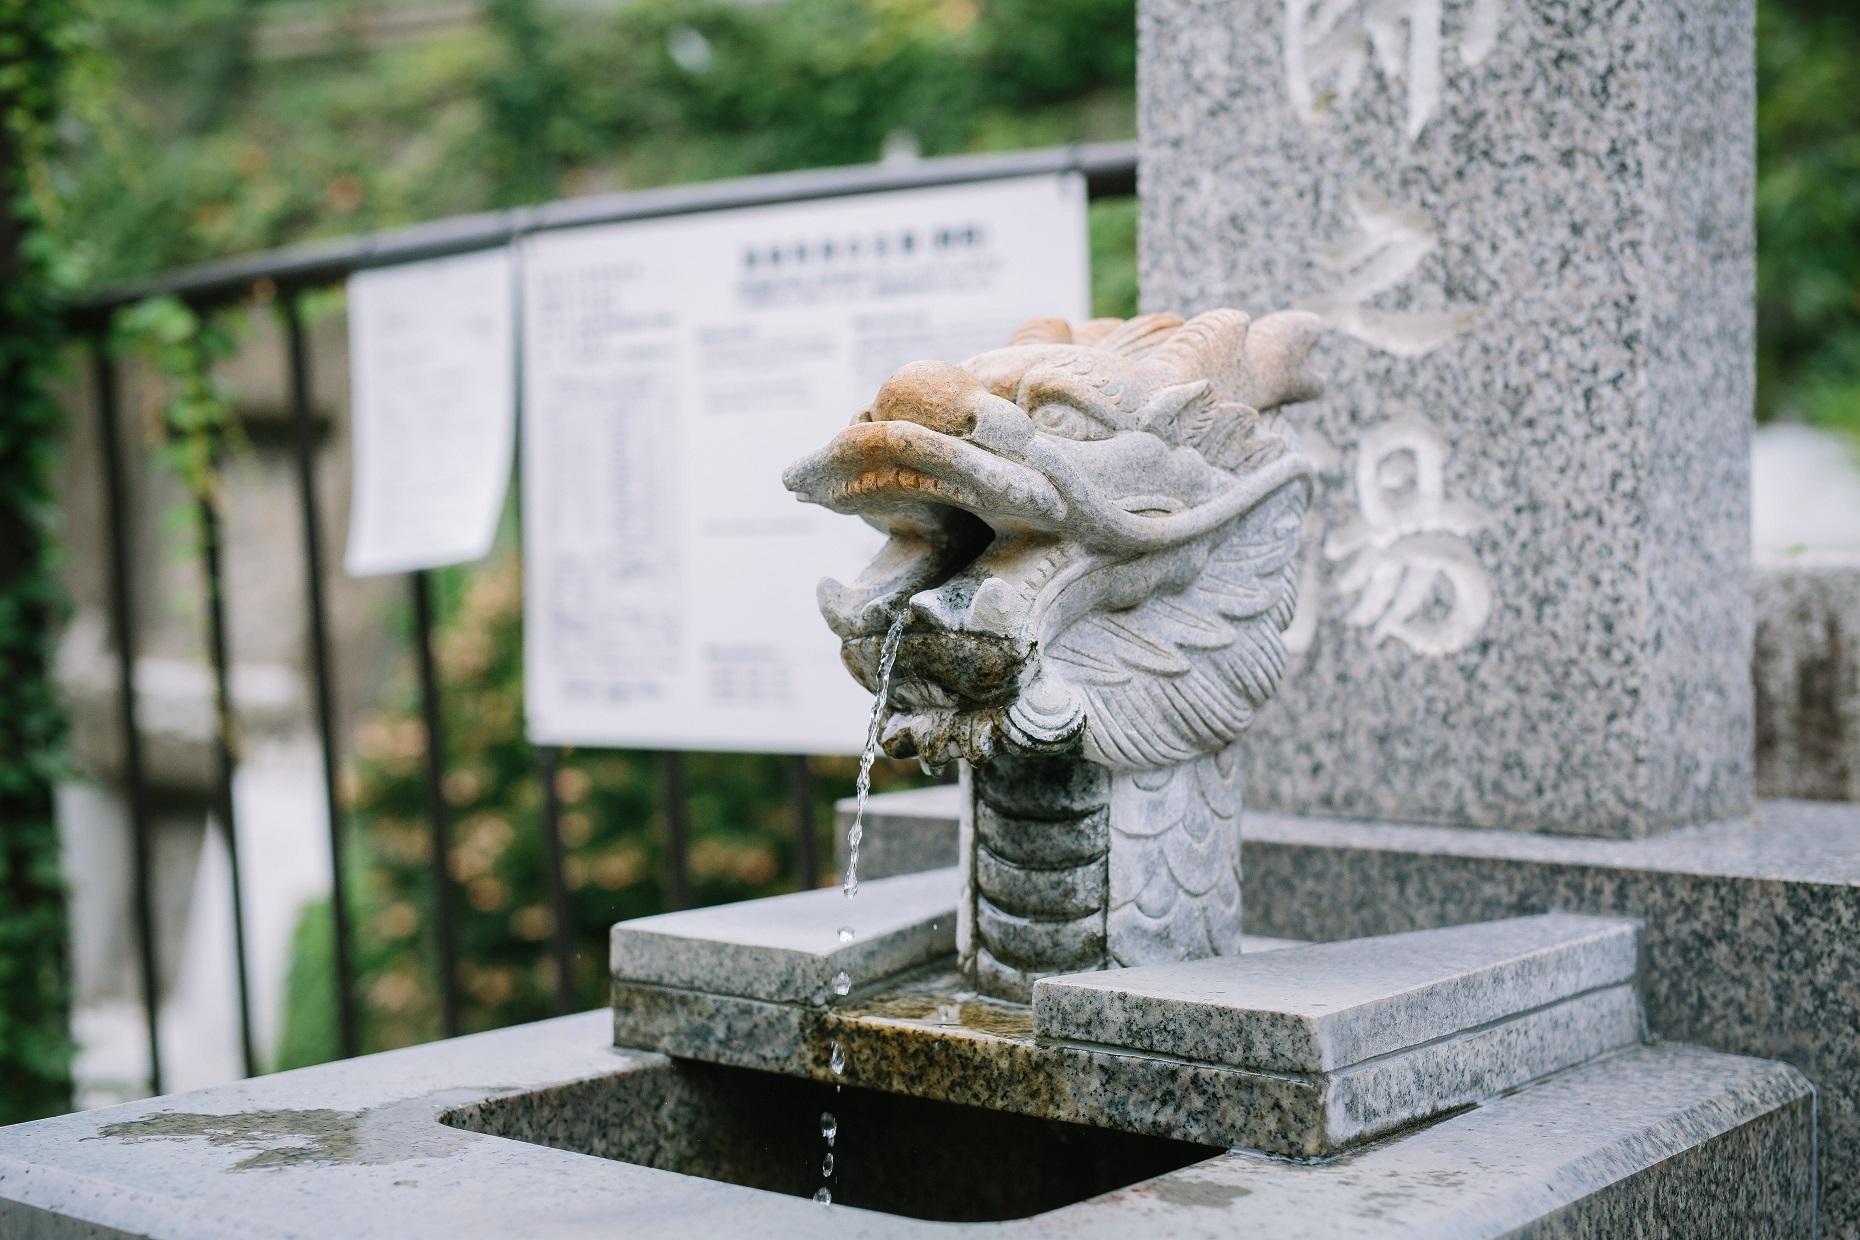 300-001別所温泉ご宿泊補助券30枚セット